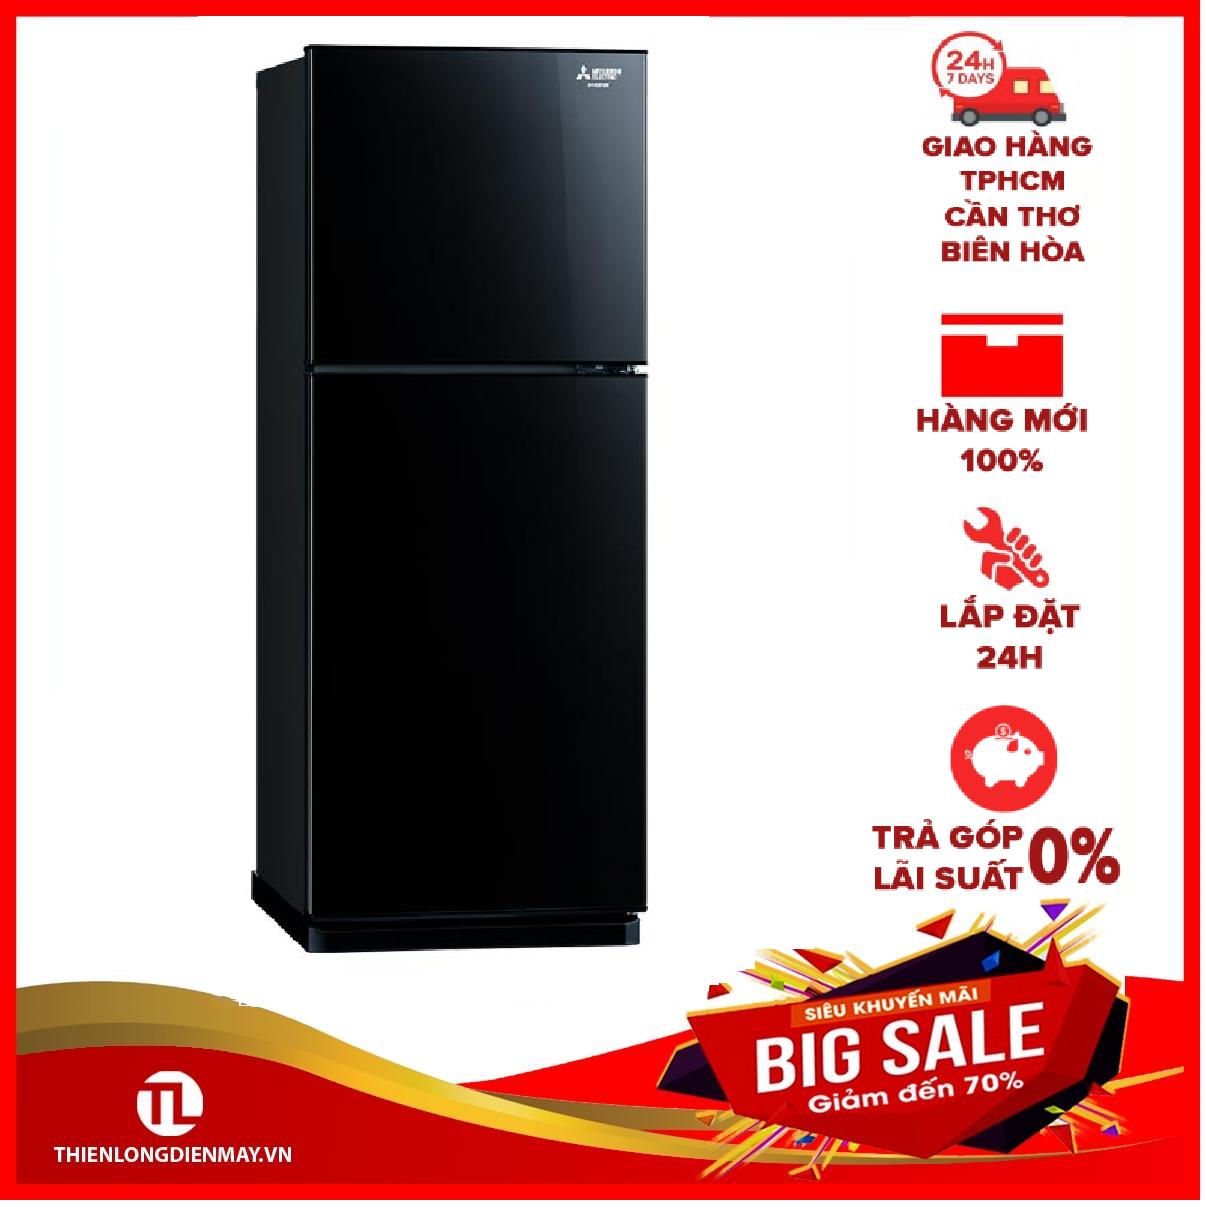 [GIAO HÀNG 2 – 15 NGÀY, TRỄ NHẤT 30.09] [Trả góp 0%]Tủ lạnh Mitsubishi Electric Inverter 217 lít MR-FC25EP-OB-V